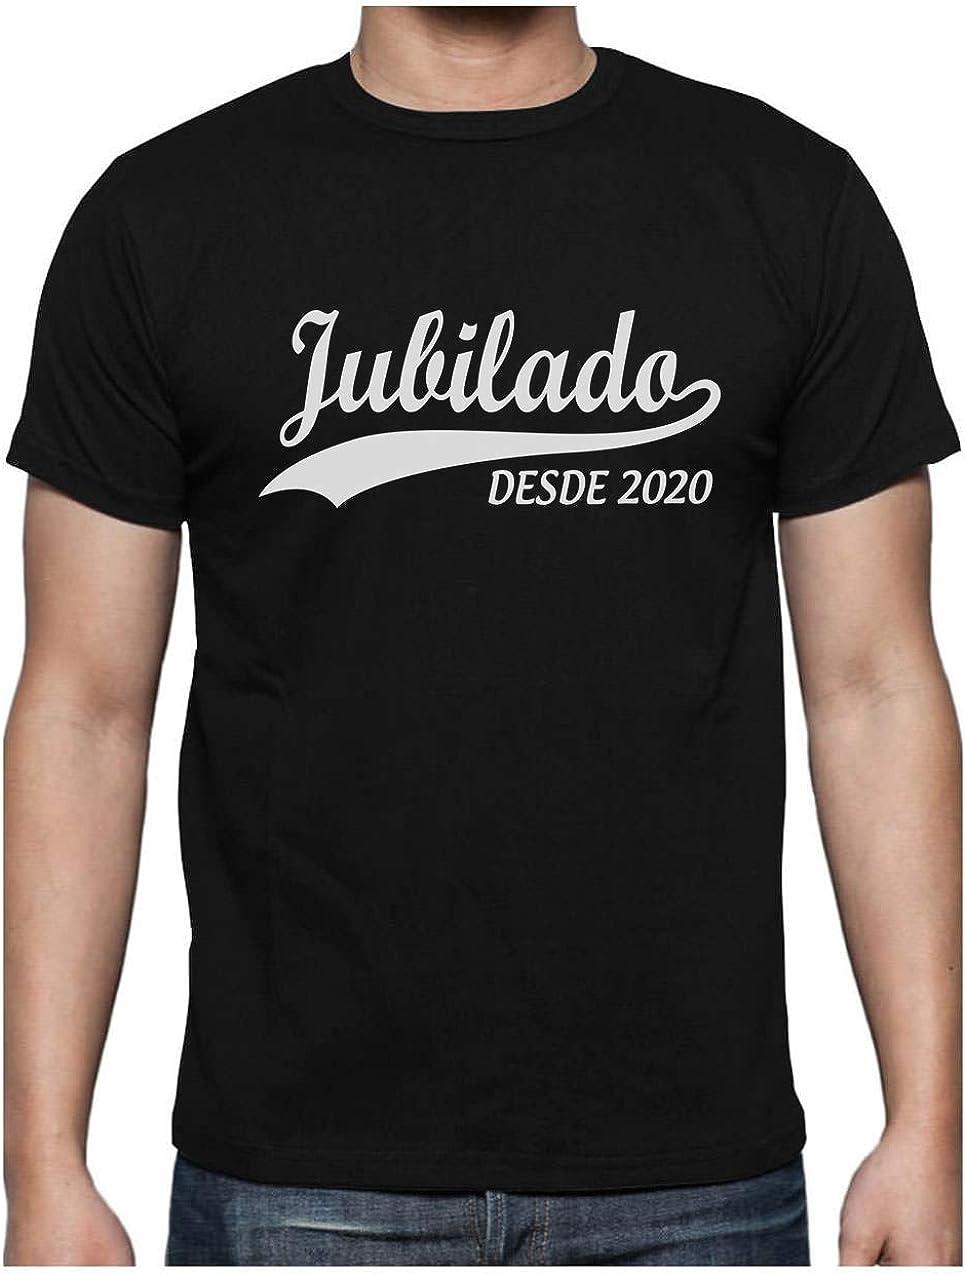 Green Turtle Camiseta para Hombre - Jubilacion Regalo - Jubilado Desde 2020